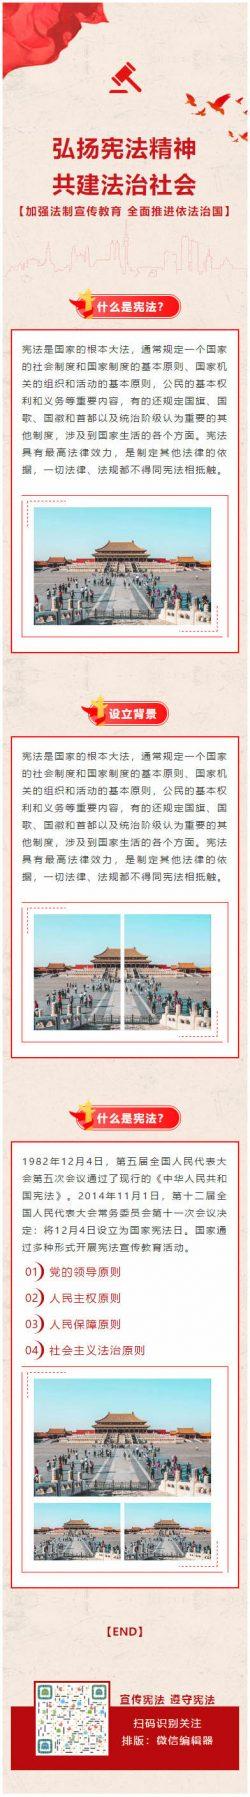 党政国家宪法日微信公众号推送图文模板推文素材